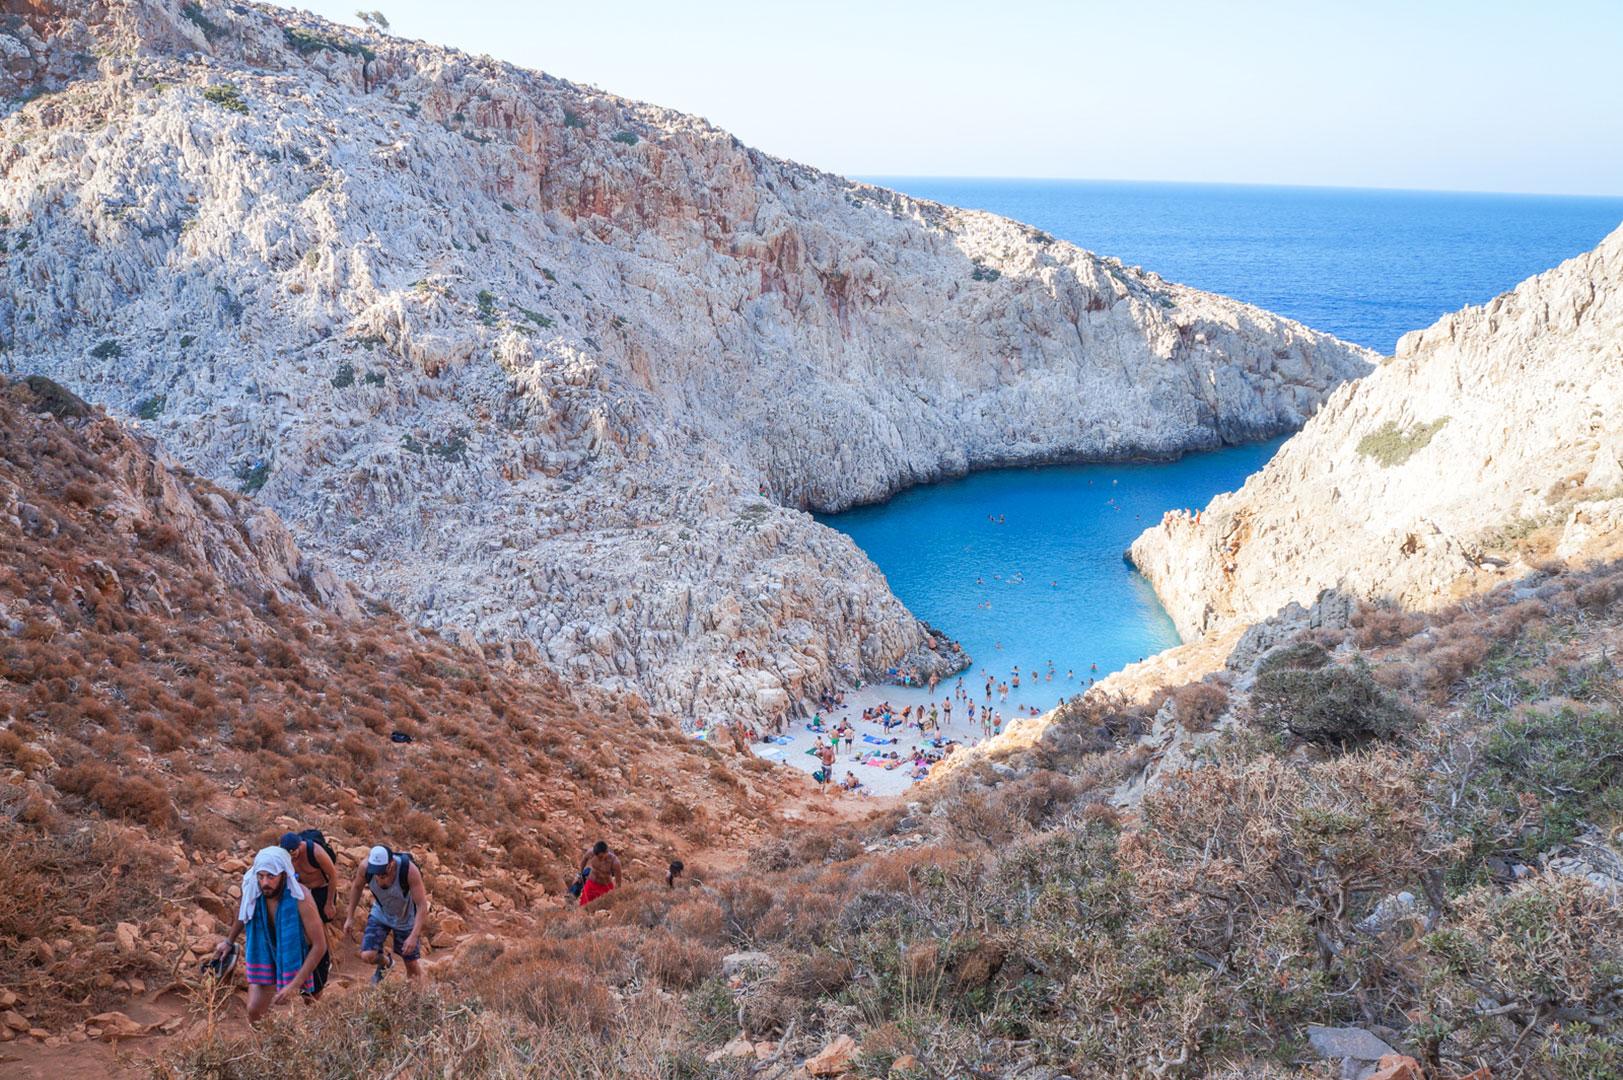 seitan-chania-crete-greece-la-vie-en-blog-all-rights-reserved-8